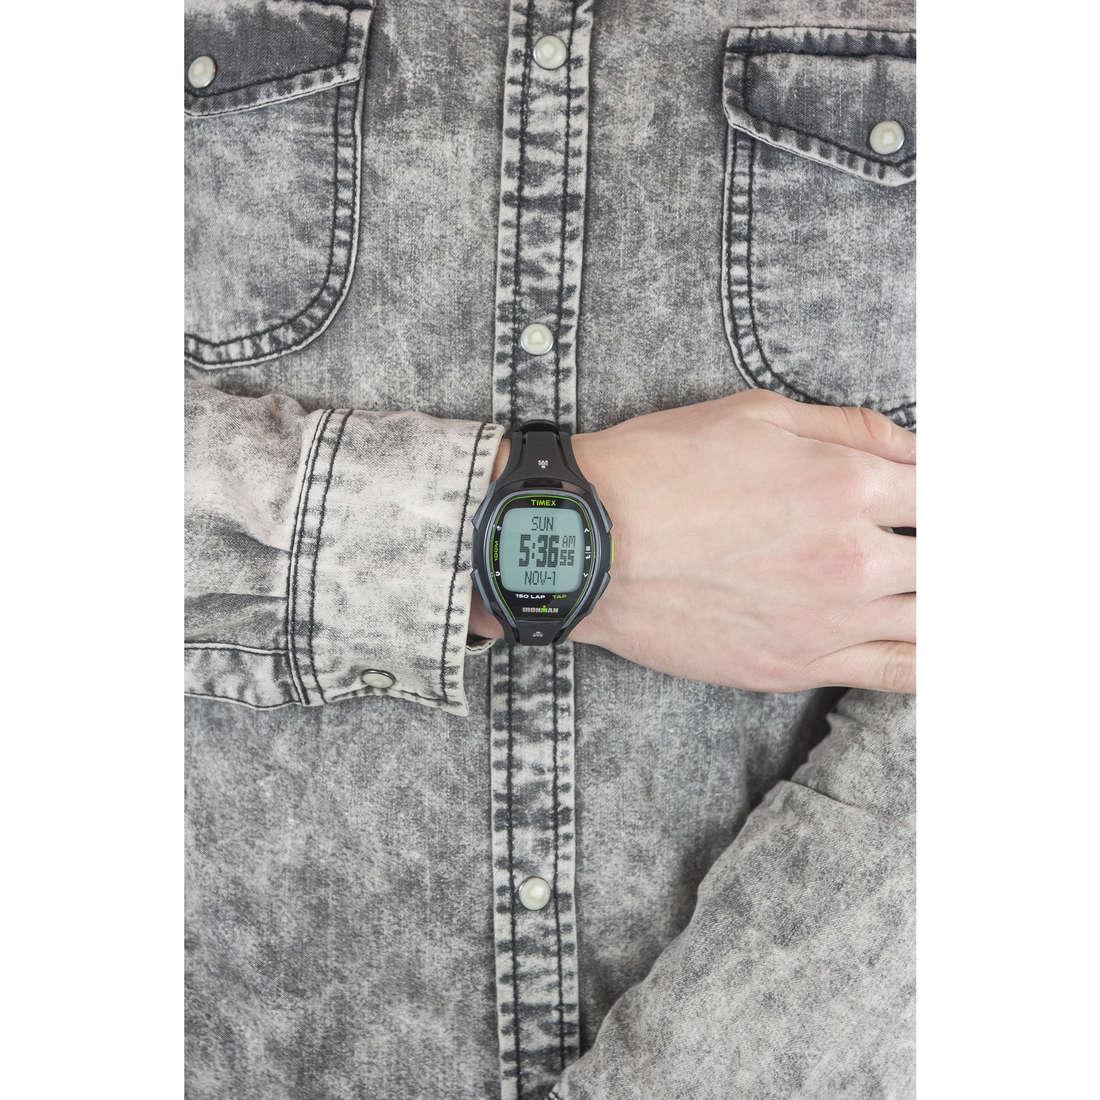 Timex digitali 150 Lap uomo TW5K96400 indosso